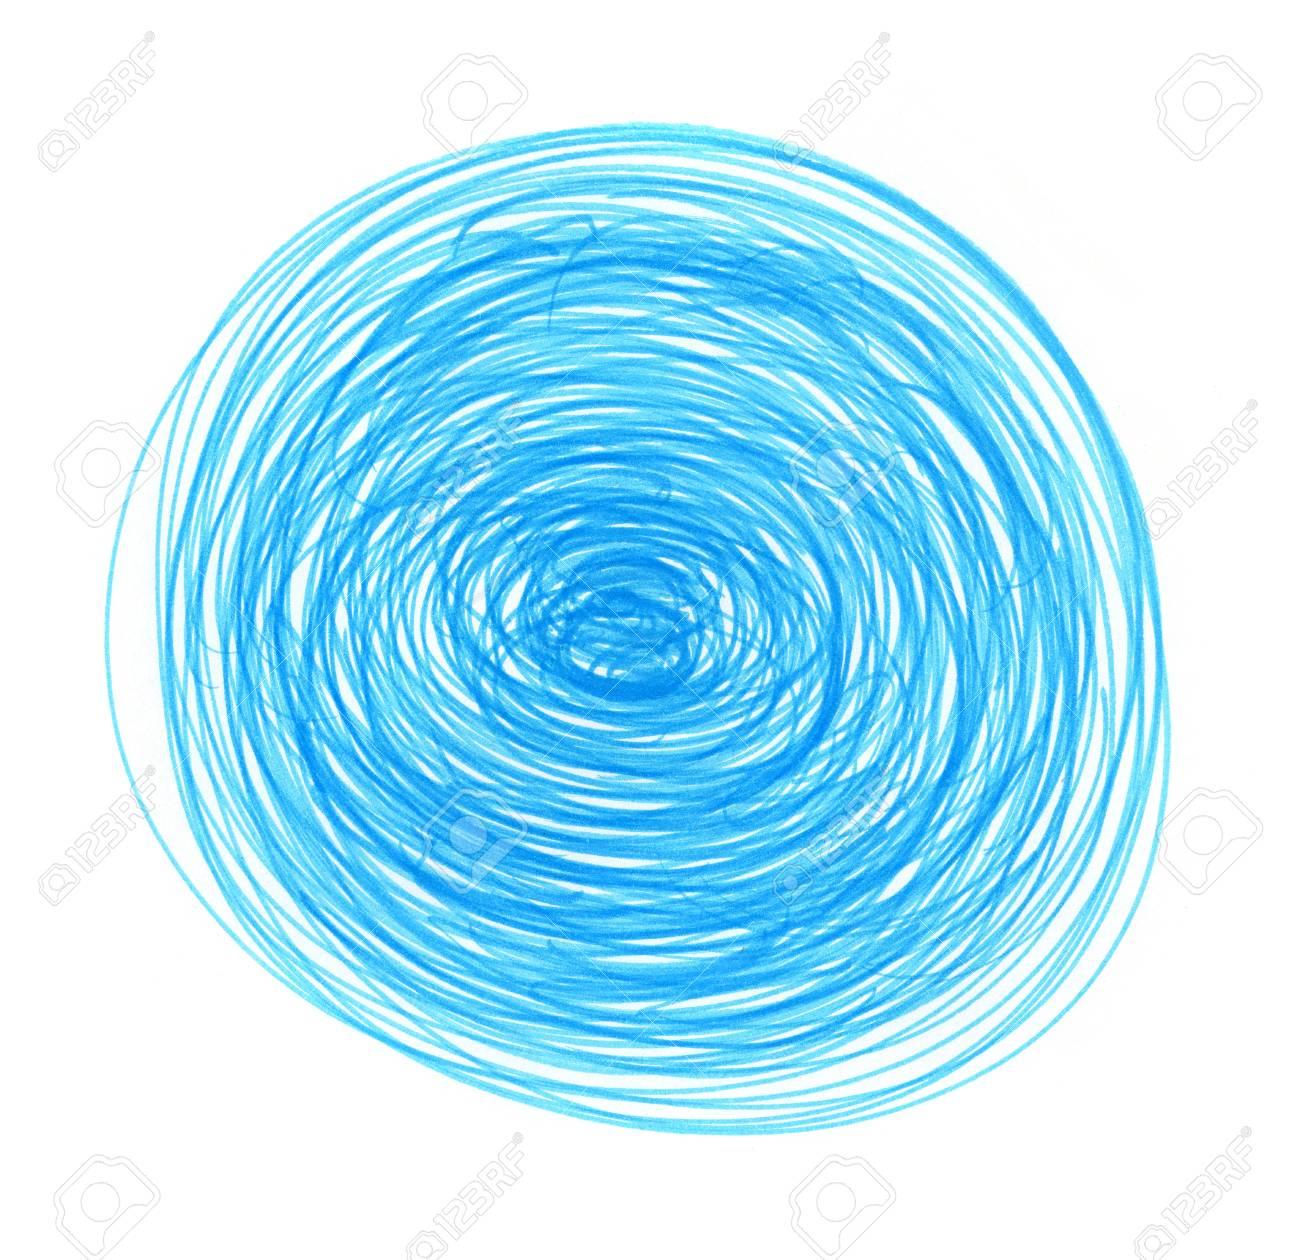 Immagini Stock Astratto Blu Dissipato Elemento Tondo Per La